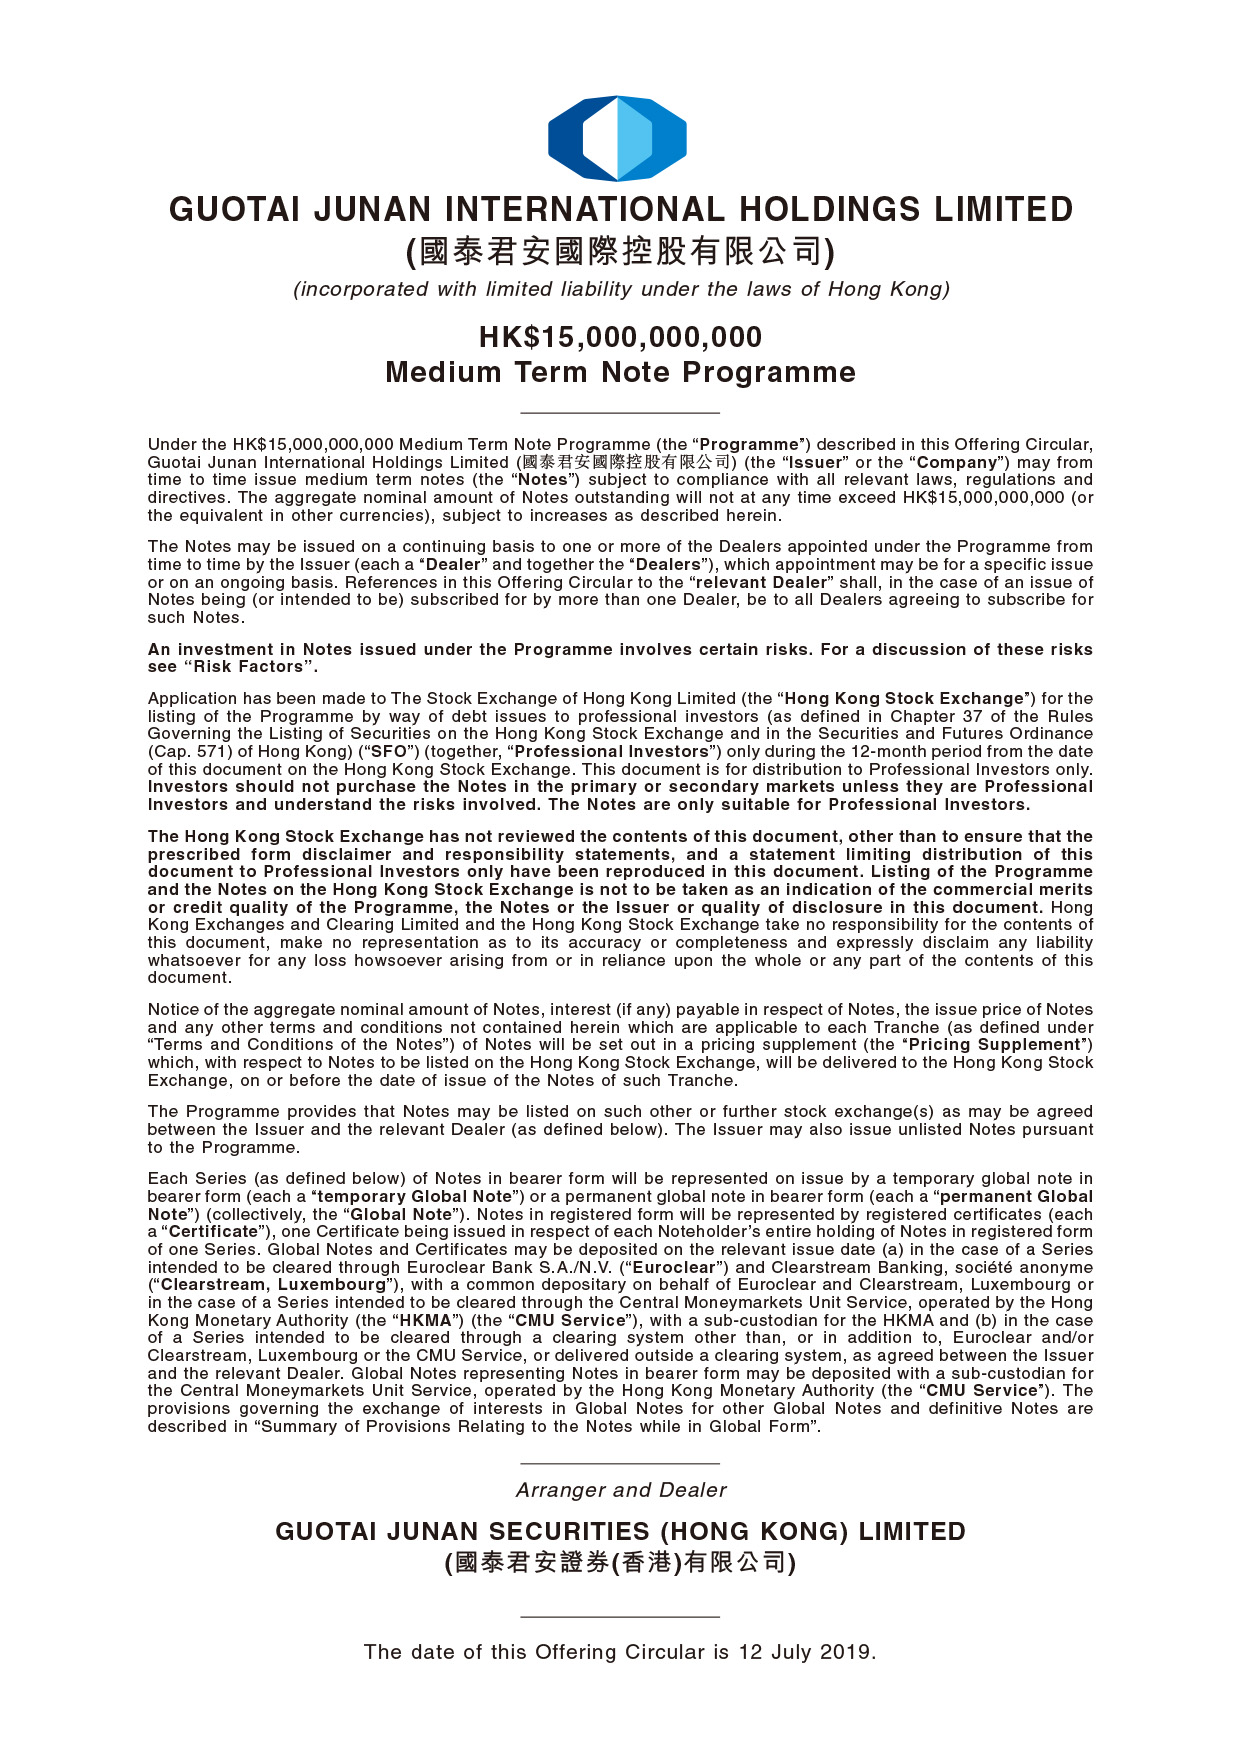 国泰君安国际控股有限公司